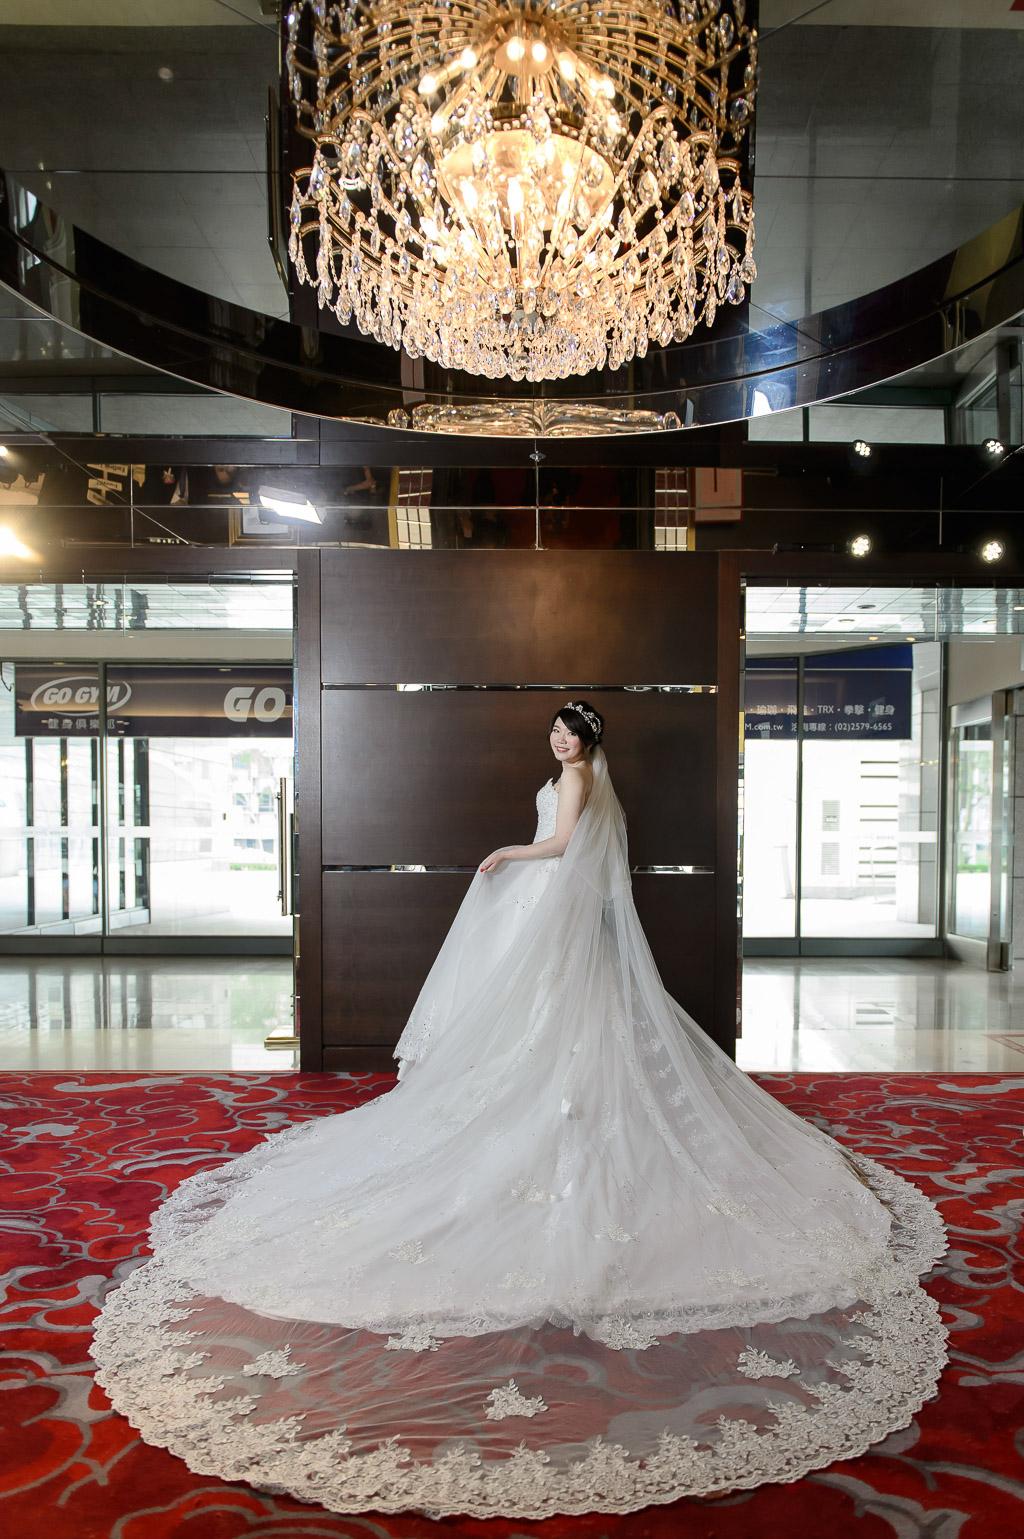 婚攝小勇, 小寶團隊, Bona, 自助婚紗, 婚禮紀錄, 囍宴軒,台北,wedding day-040